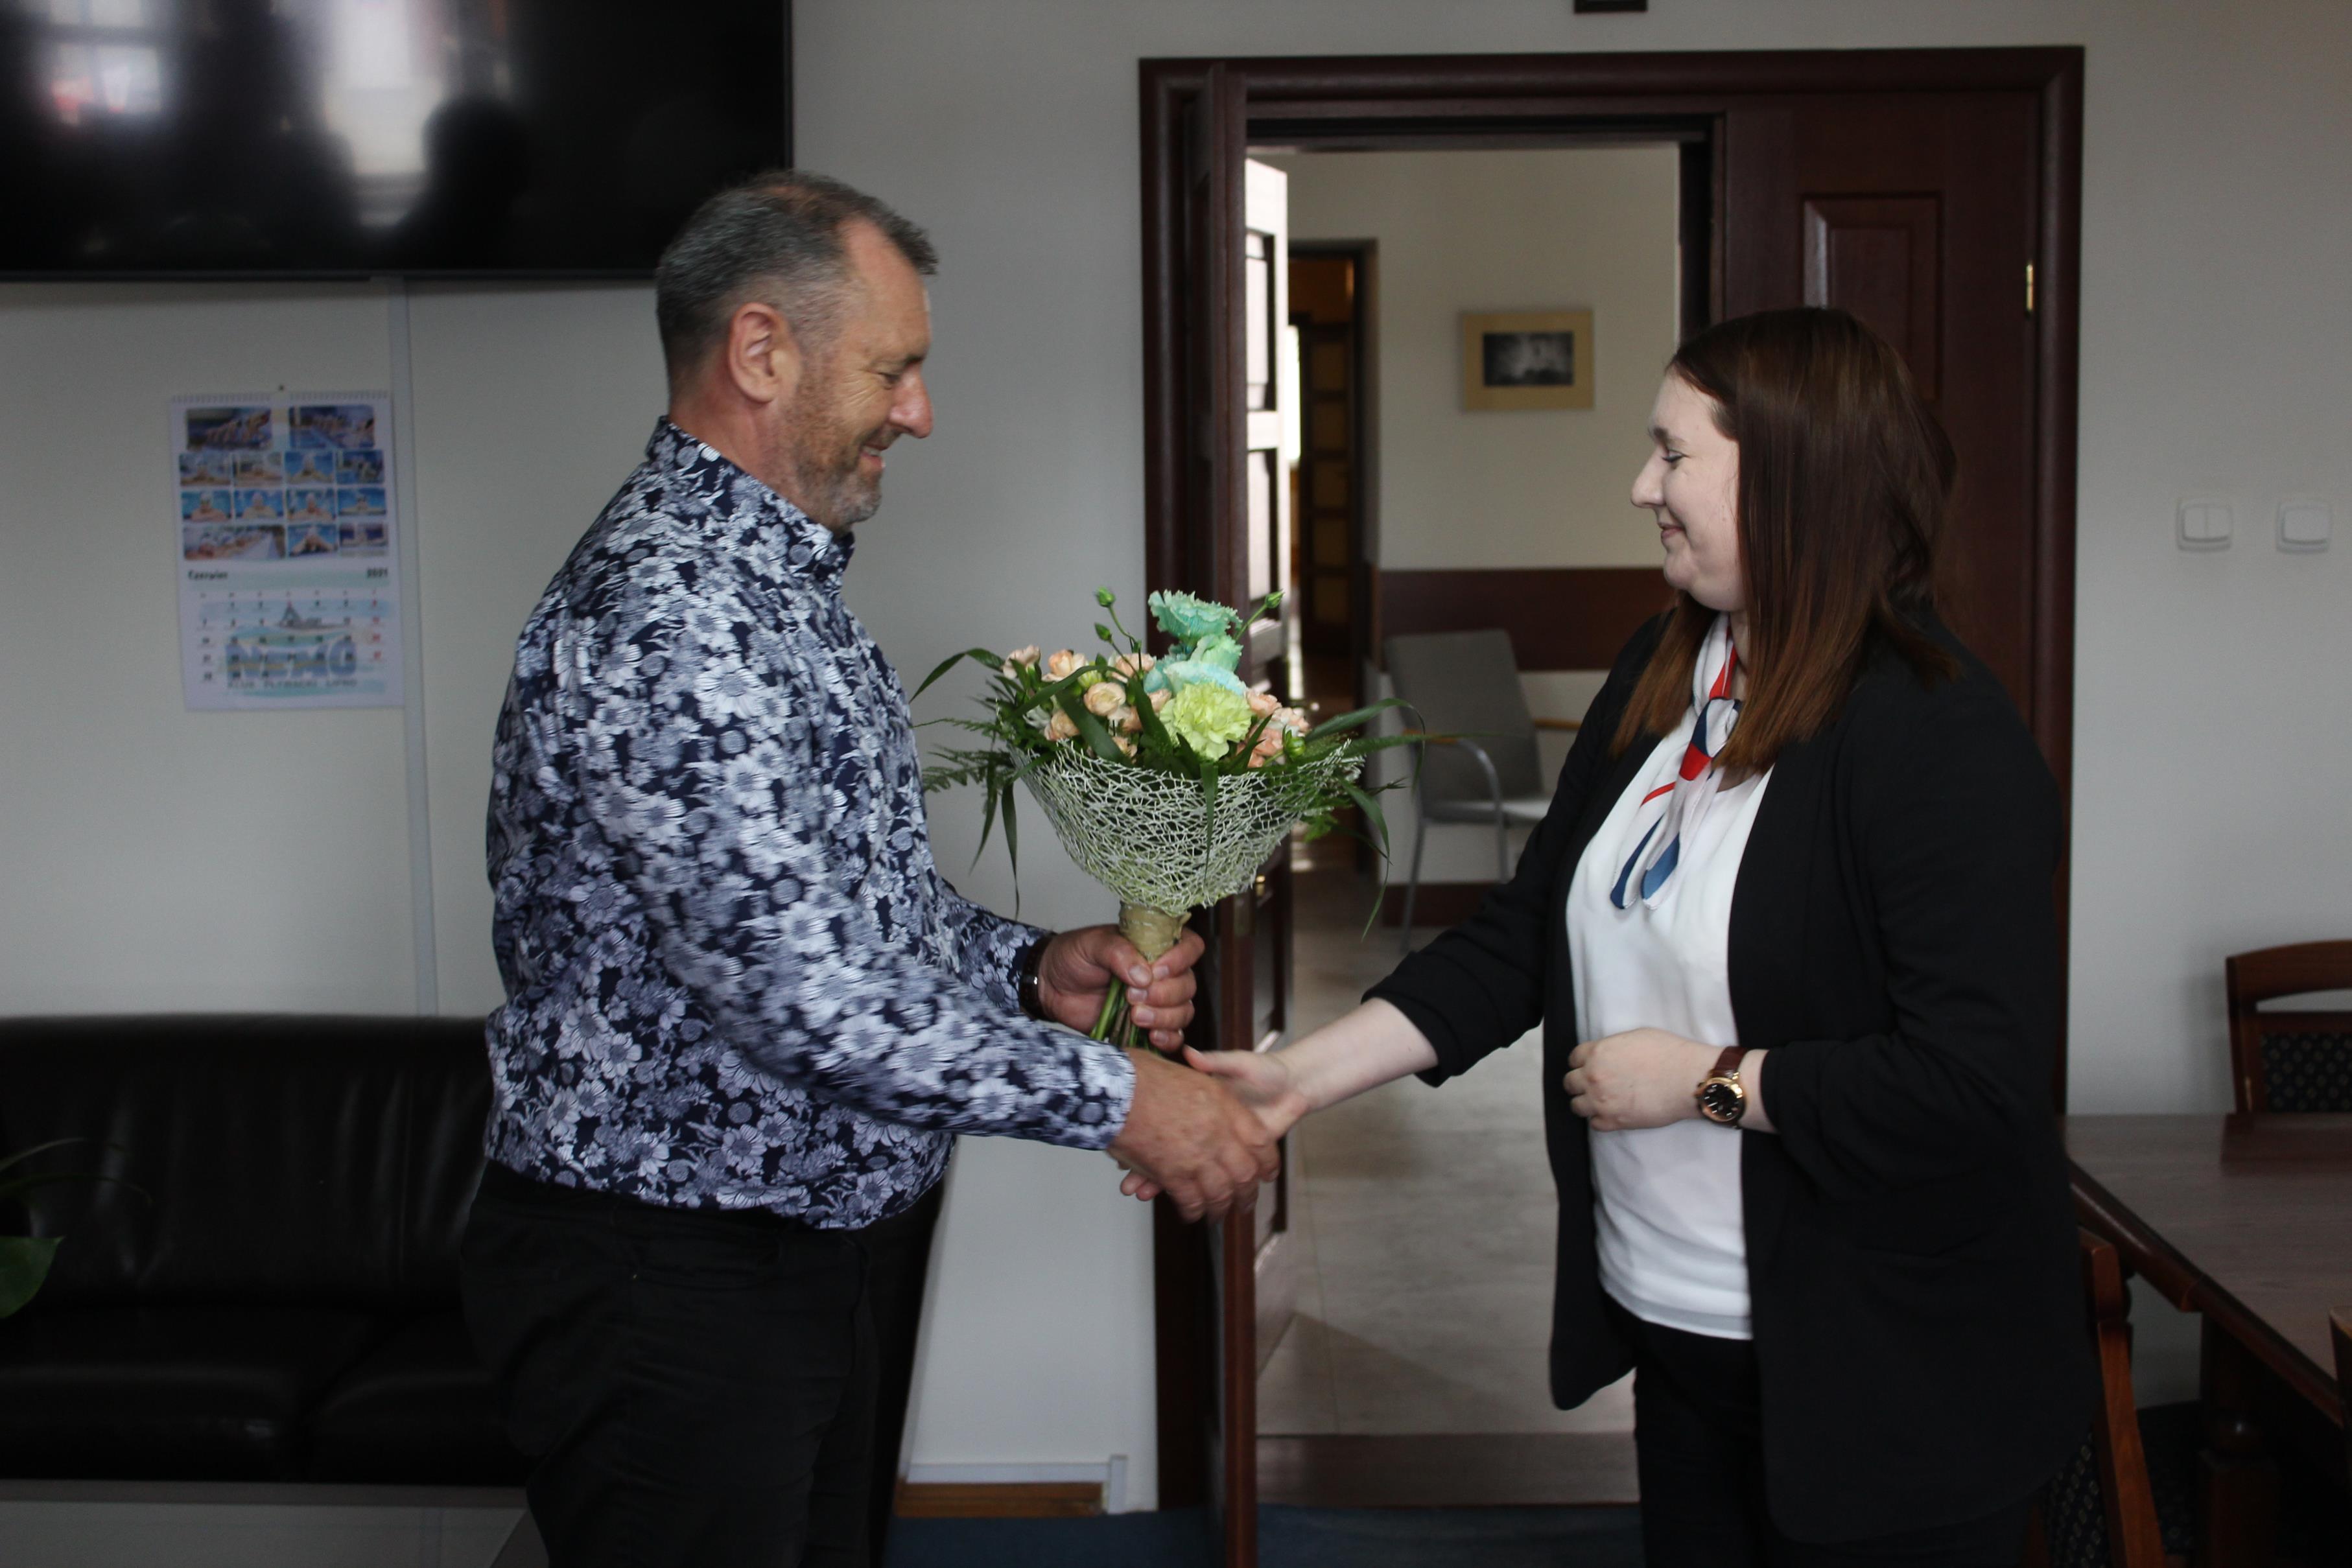 Burmistrz Paweł Banasik serdecznie podziękował za osobiste i aktywne zaangażowanie Pani Minister Anny Gembickiej w pozyskanie środków na dofinansowanie